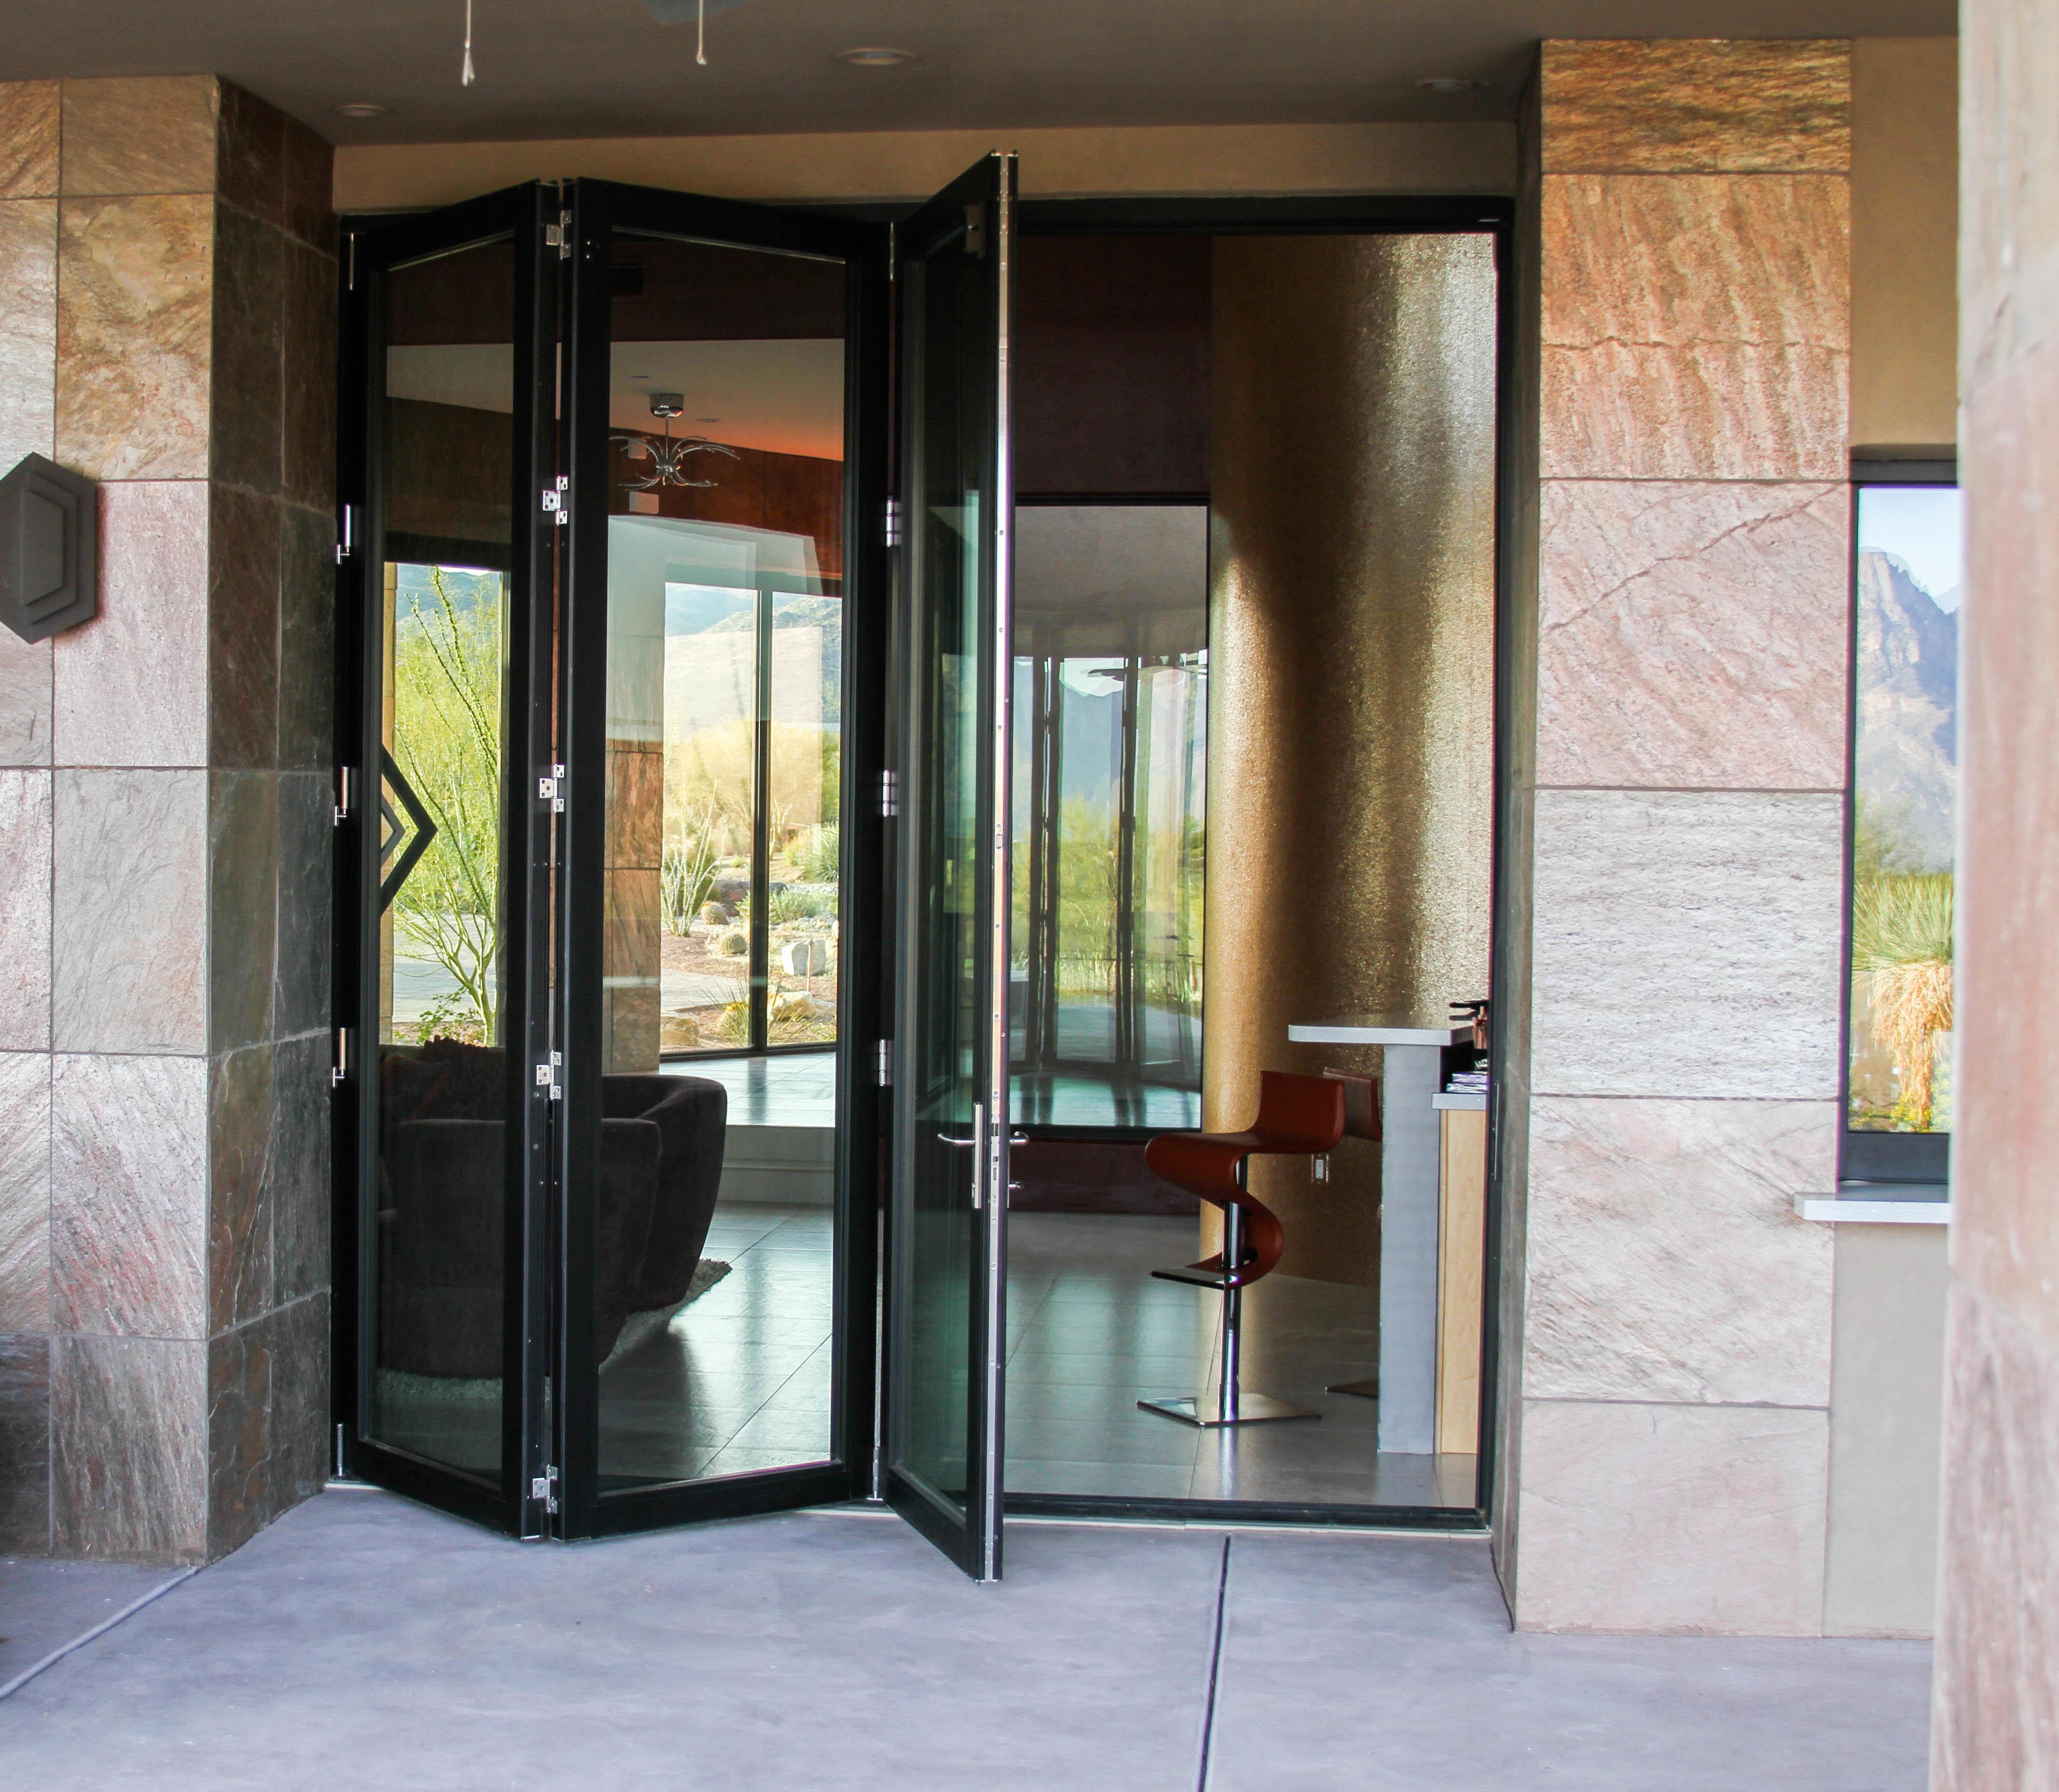 Krausch Architectural Windows Amp Doors In Tucson Az 85705